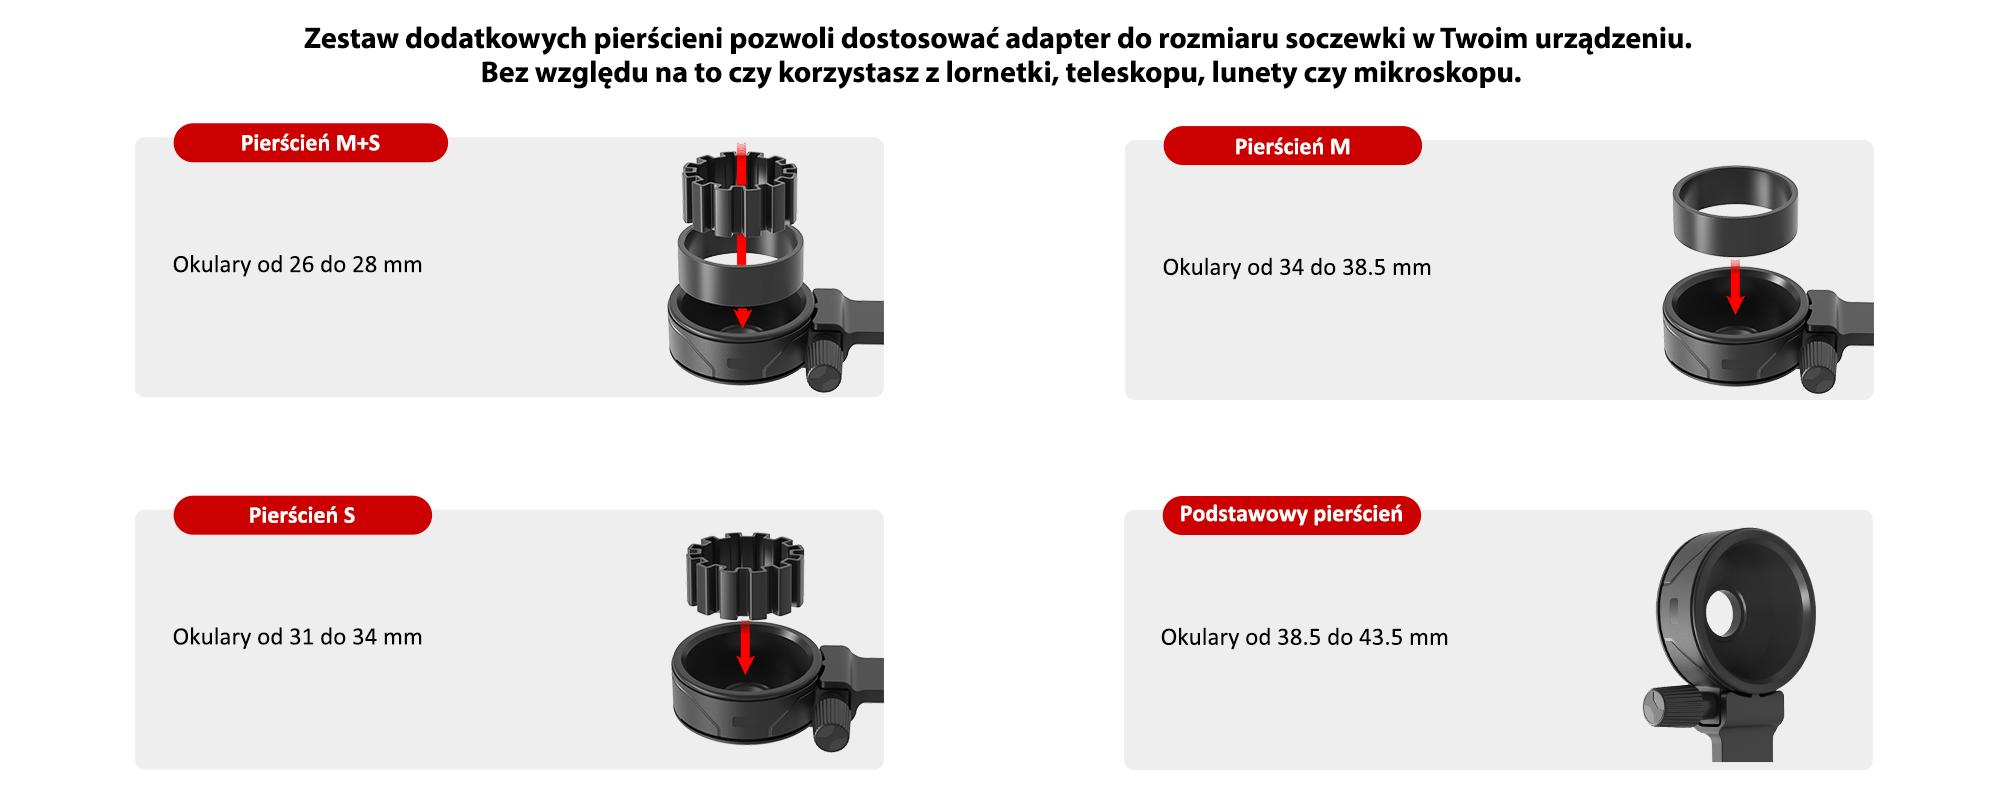 Grafika - Adapter Redleaf SOM-2 do montażu smartfonów na lunetach, teleskopach i mikroskopach_03.jpg